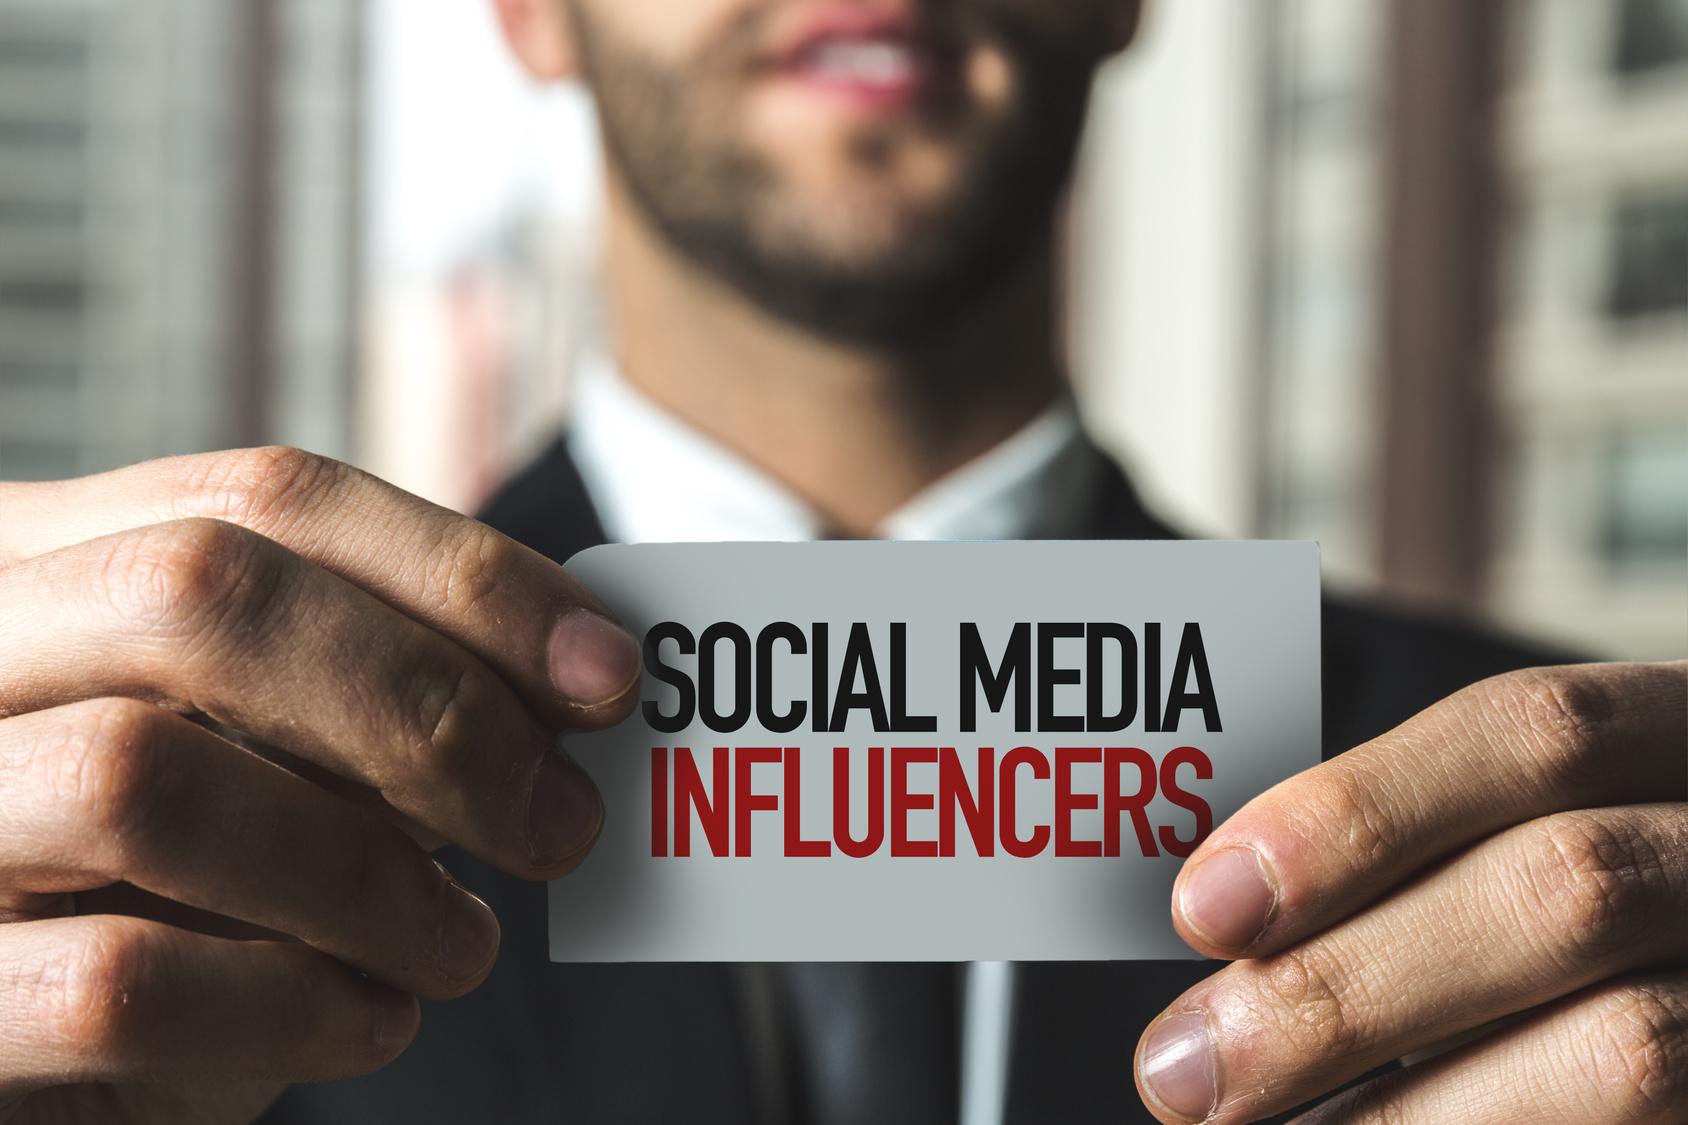 al Media Influencers